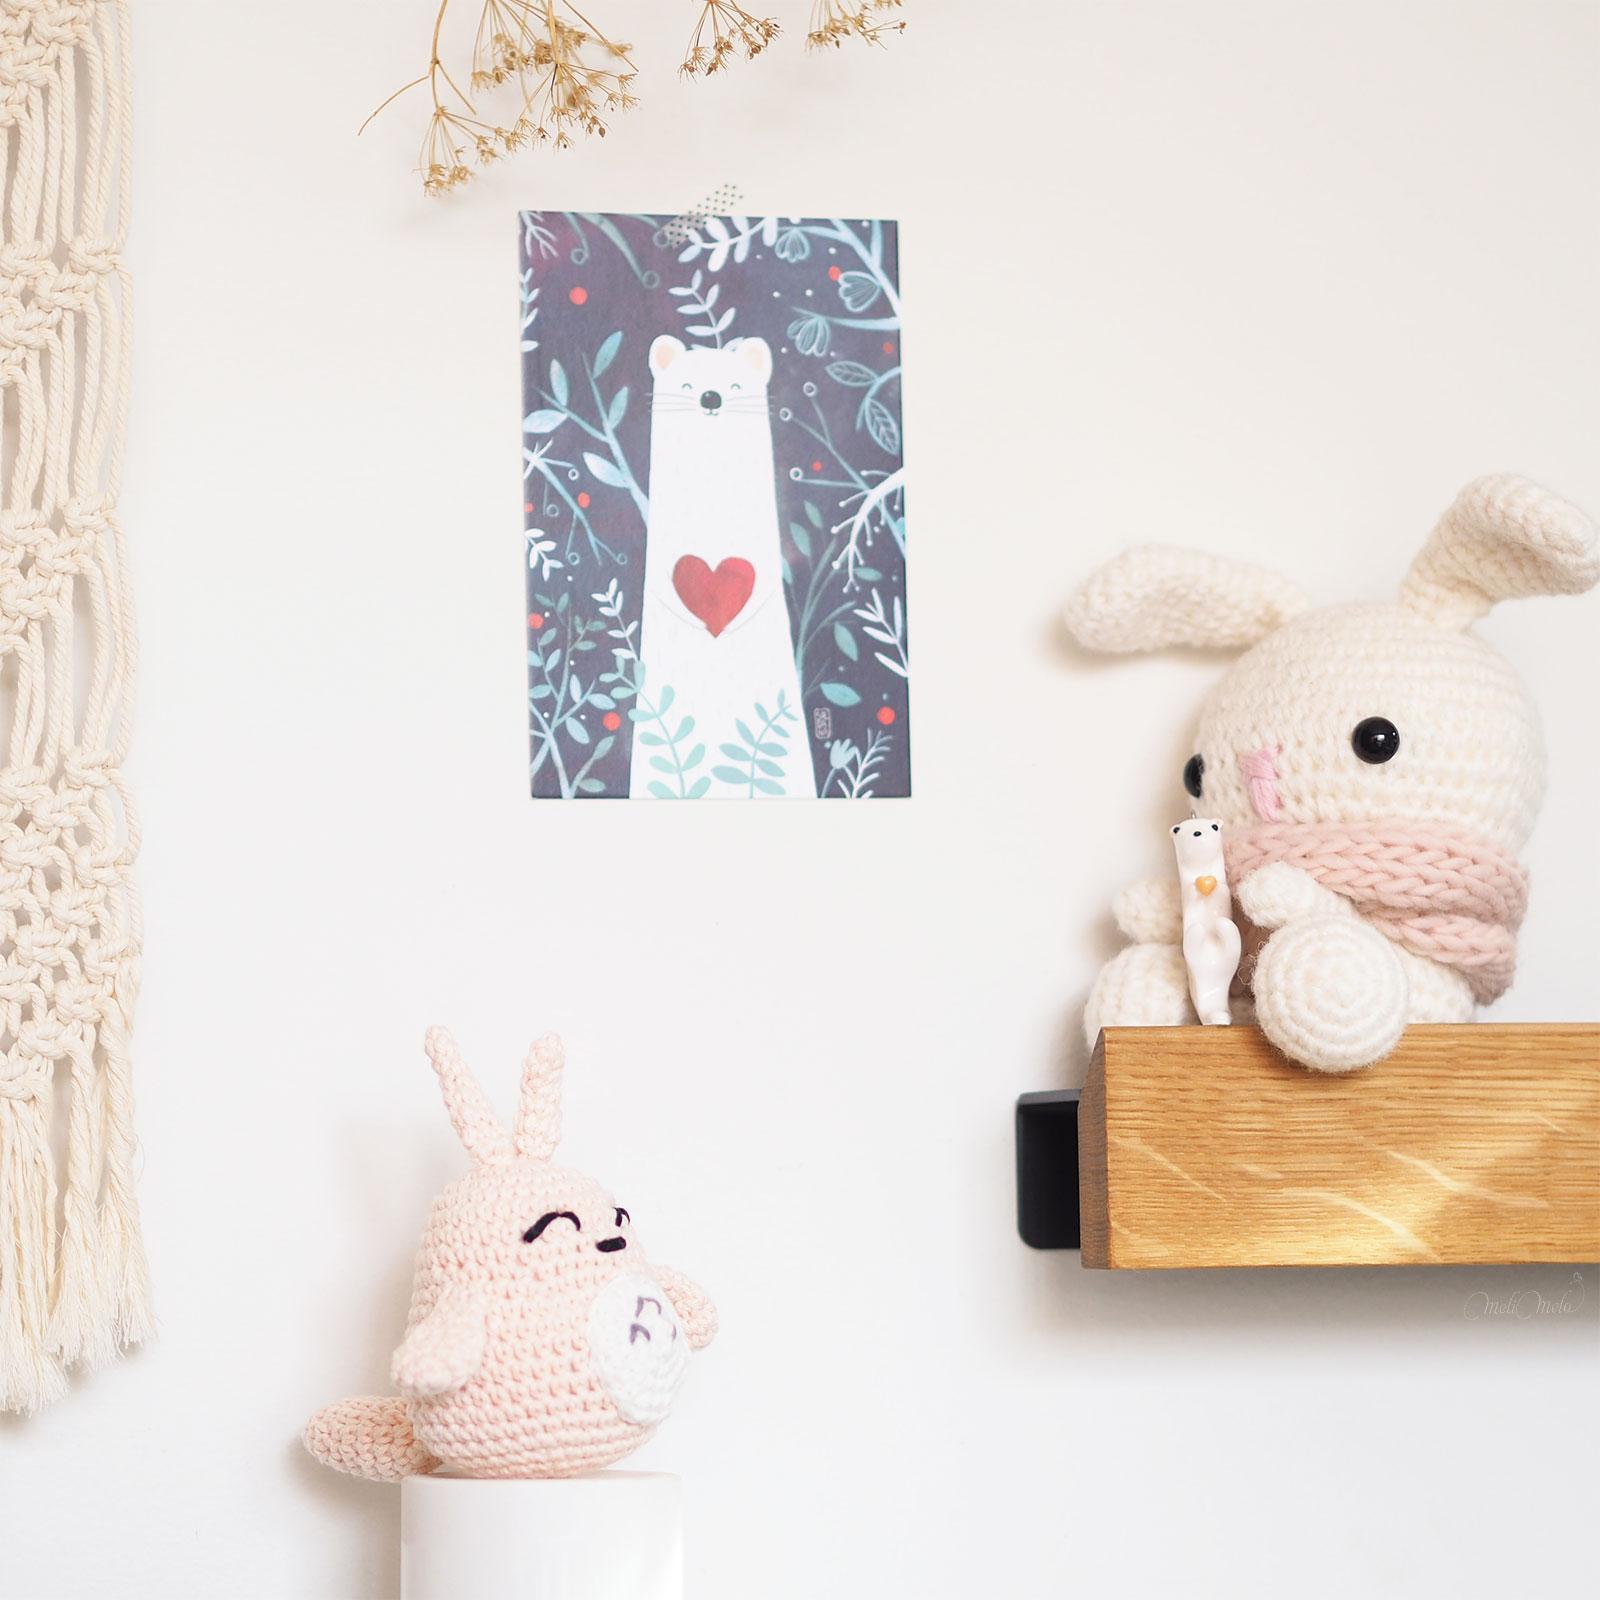 totoro crochet ghibli lapin illustration loutre mignonnerie idée cadeau laboutiquedemelimelo